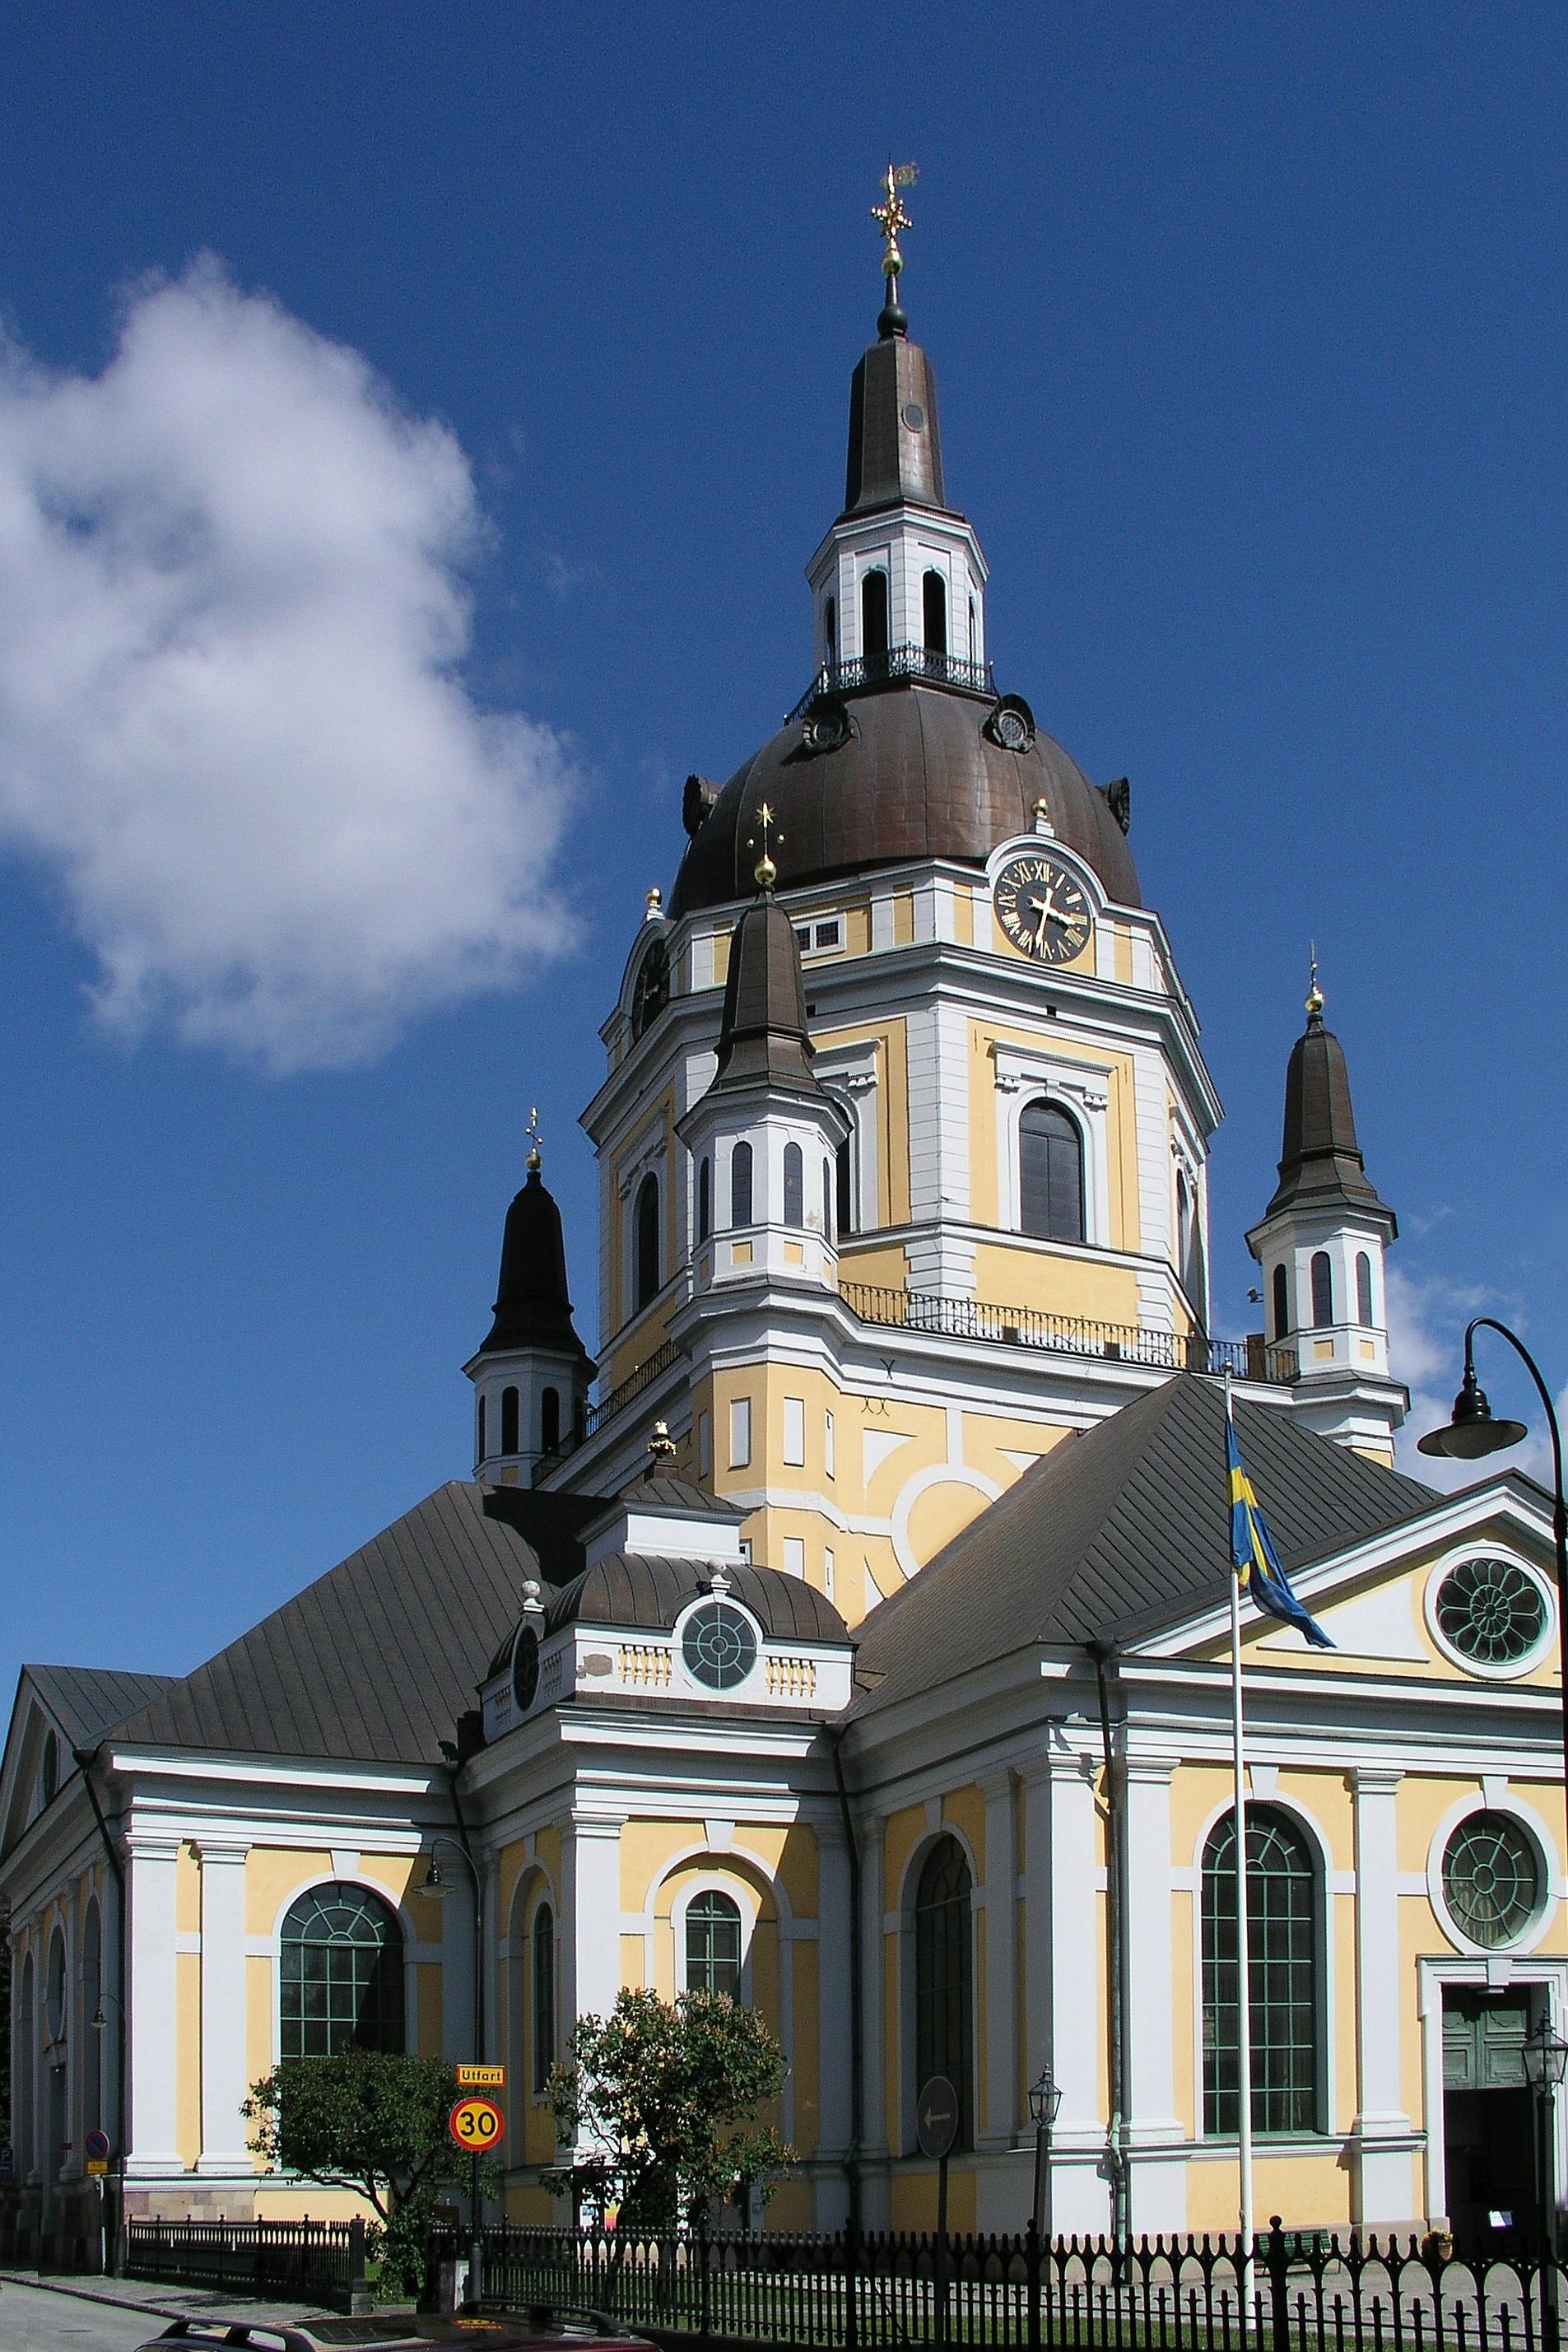 Katarina kyrka steg for